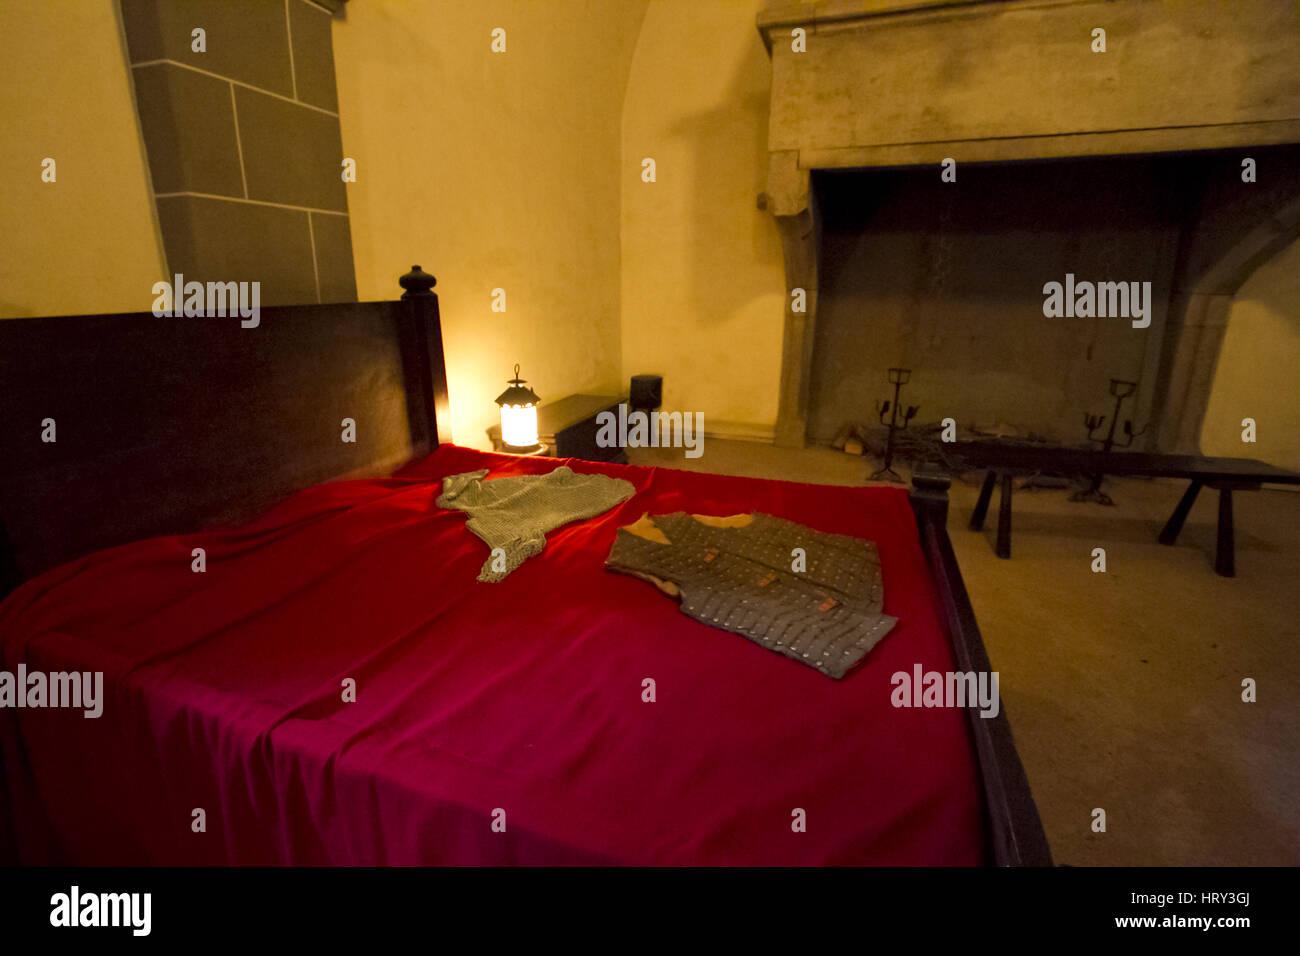 Camere Da Letto Medievali : Camera da letto militare medievale mittelalterliche